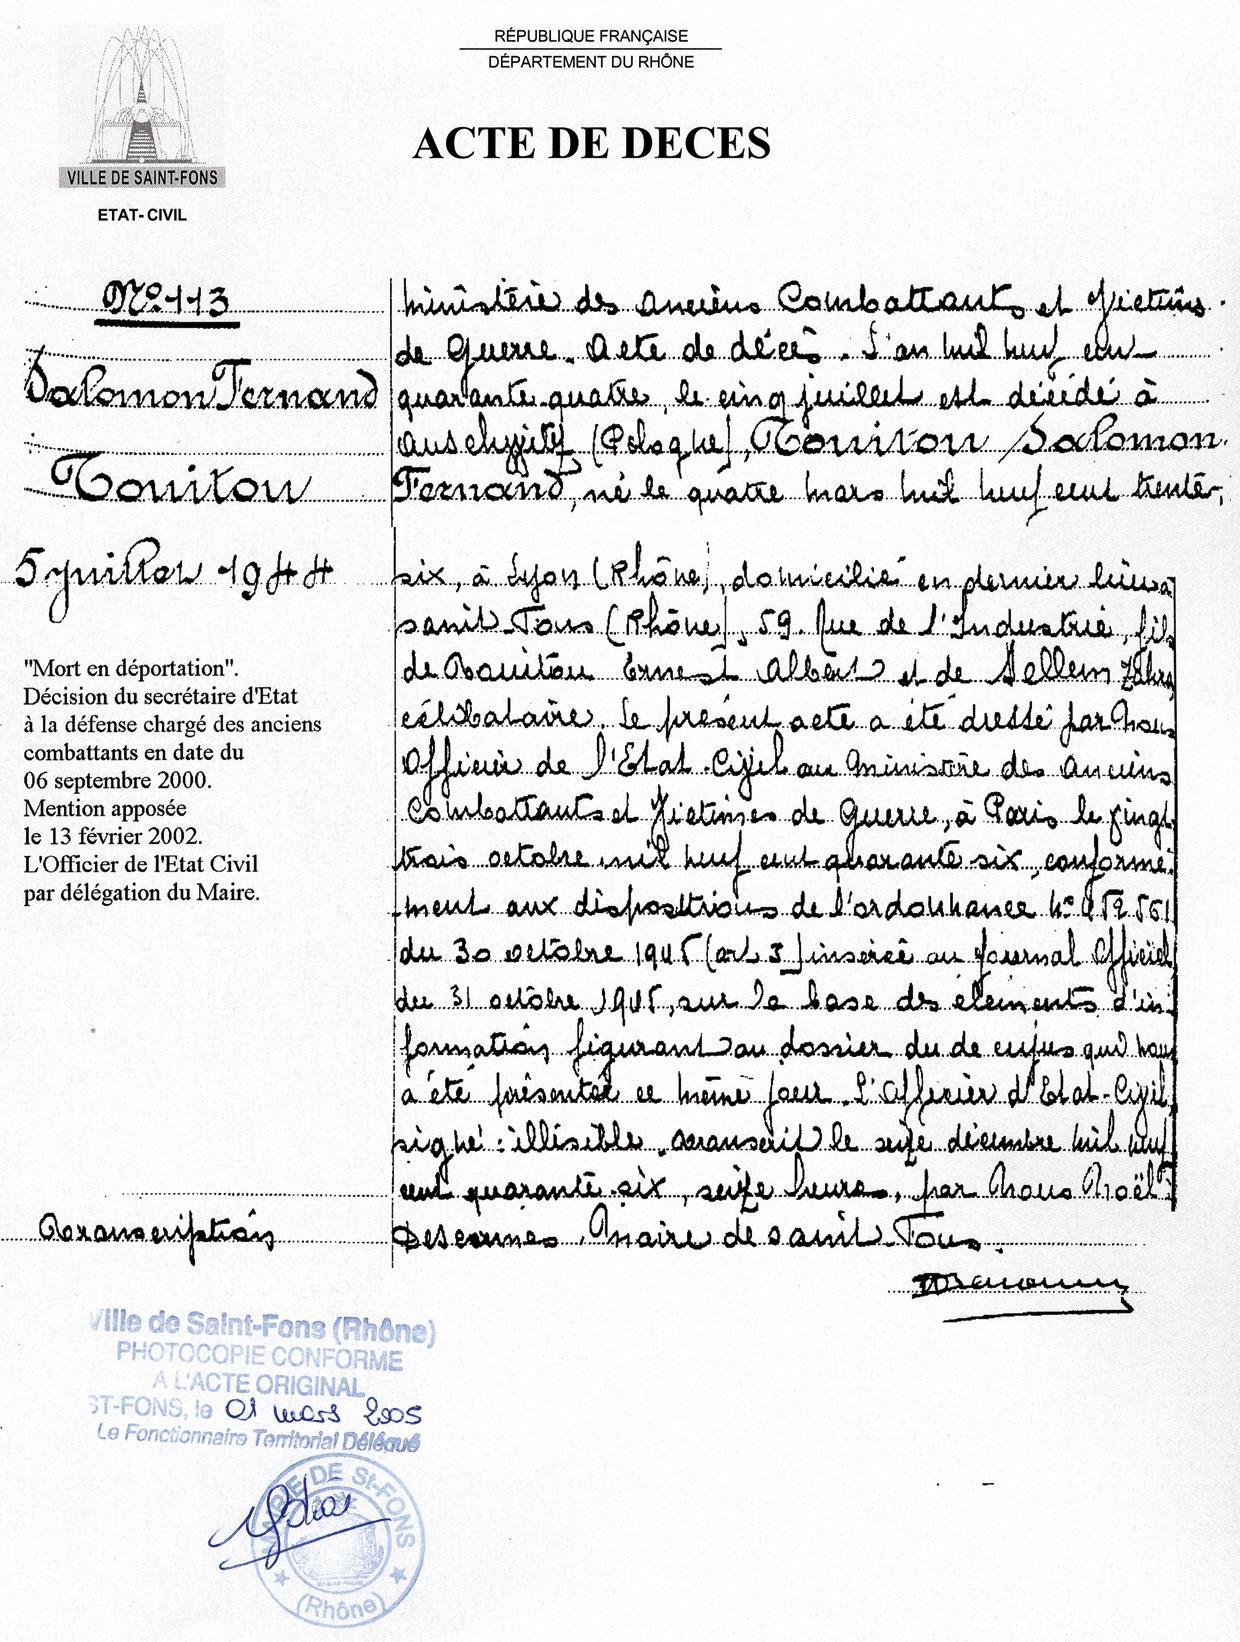 Acte de décès de Salomon, Touitou, Saint-Fons